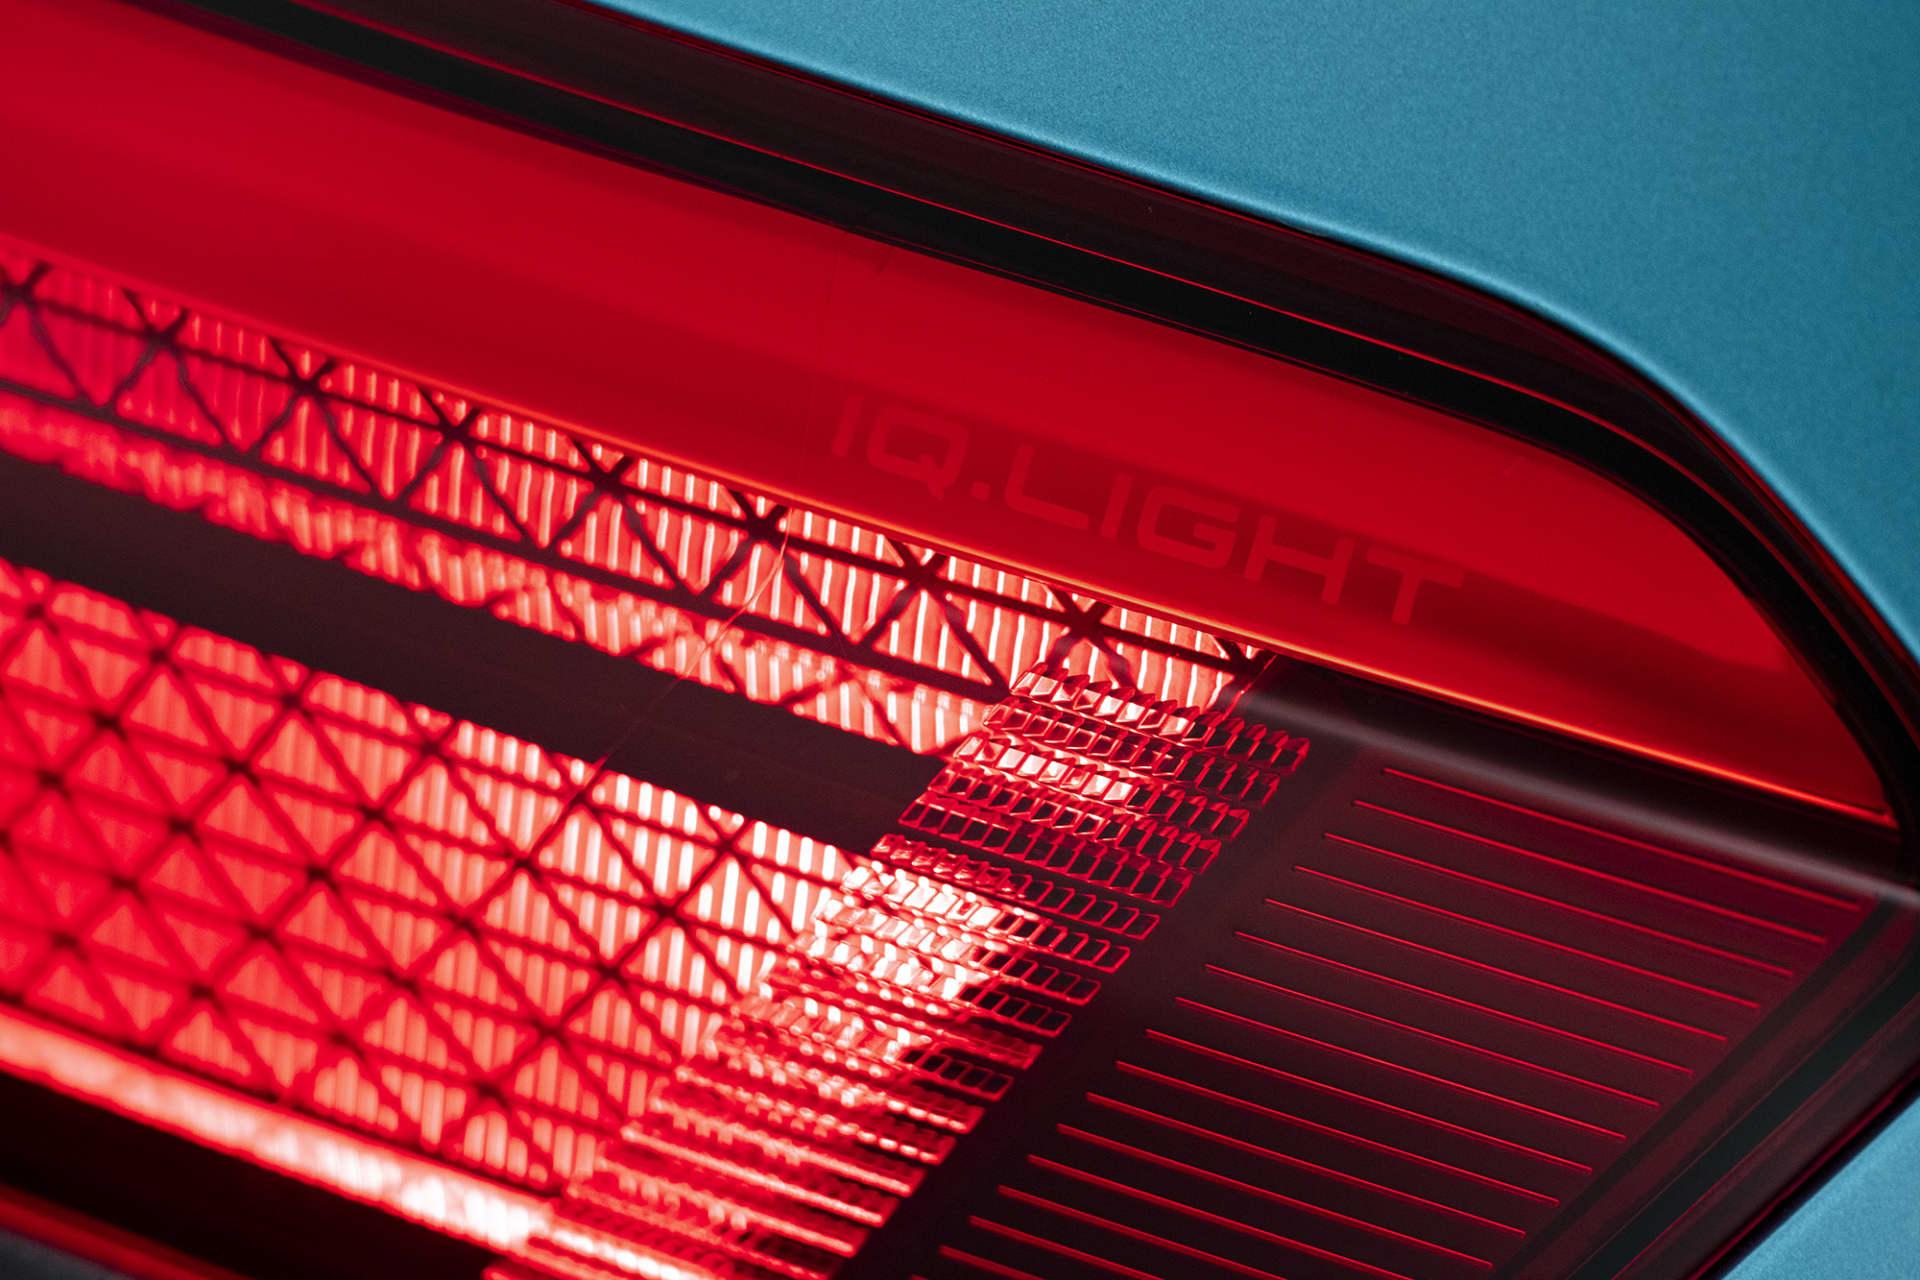 Självklart är ID.3 försedd med Volkswagens senaste ljusteknik med namnet IQ.Light. Systemet består av LED matrix-teknik, ett mer avancerat ljussystem än det tidigare med namnet Dynamic Light Assist.